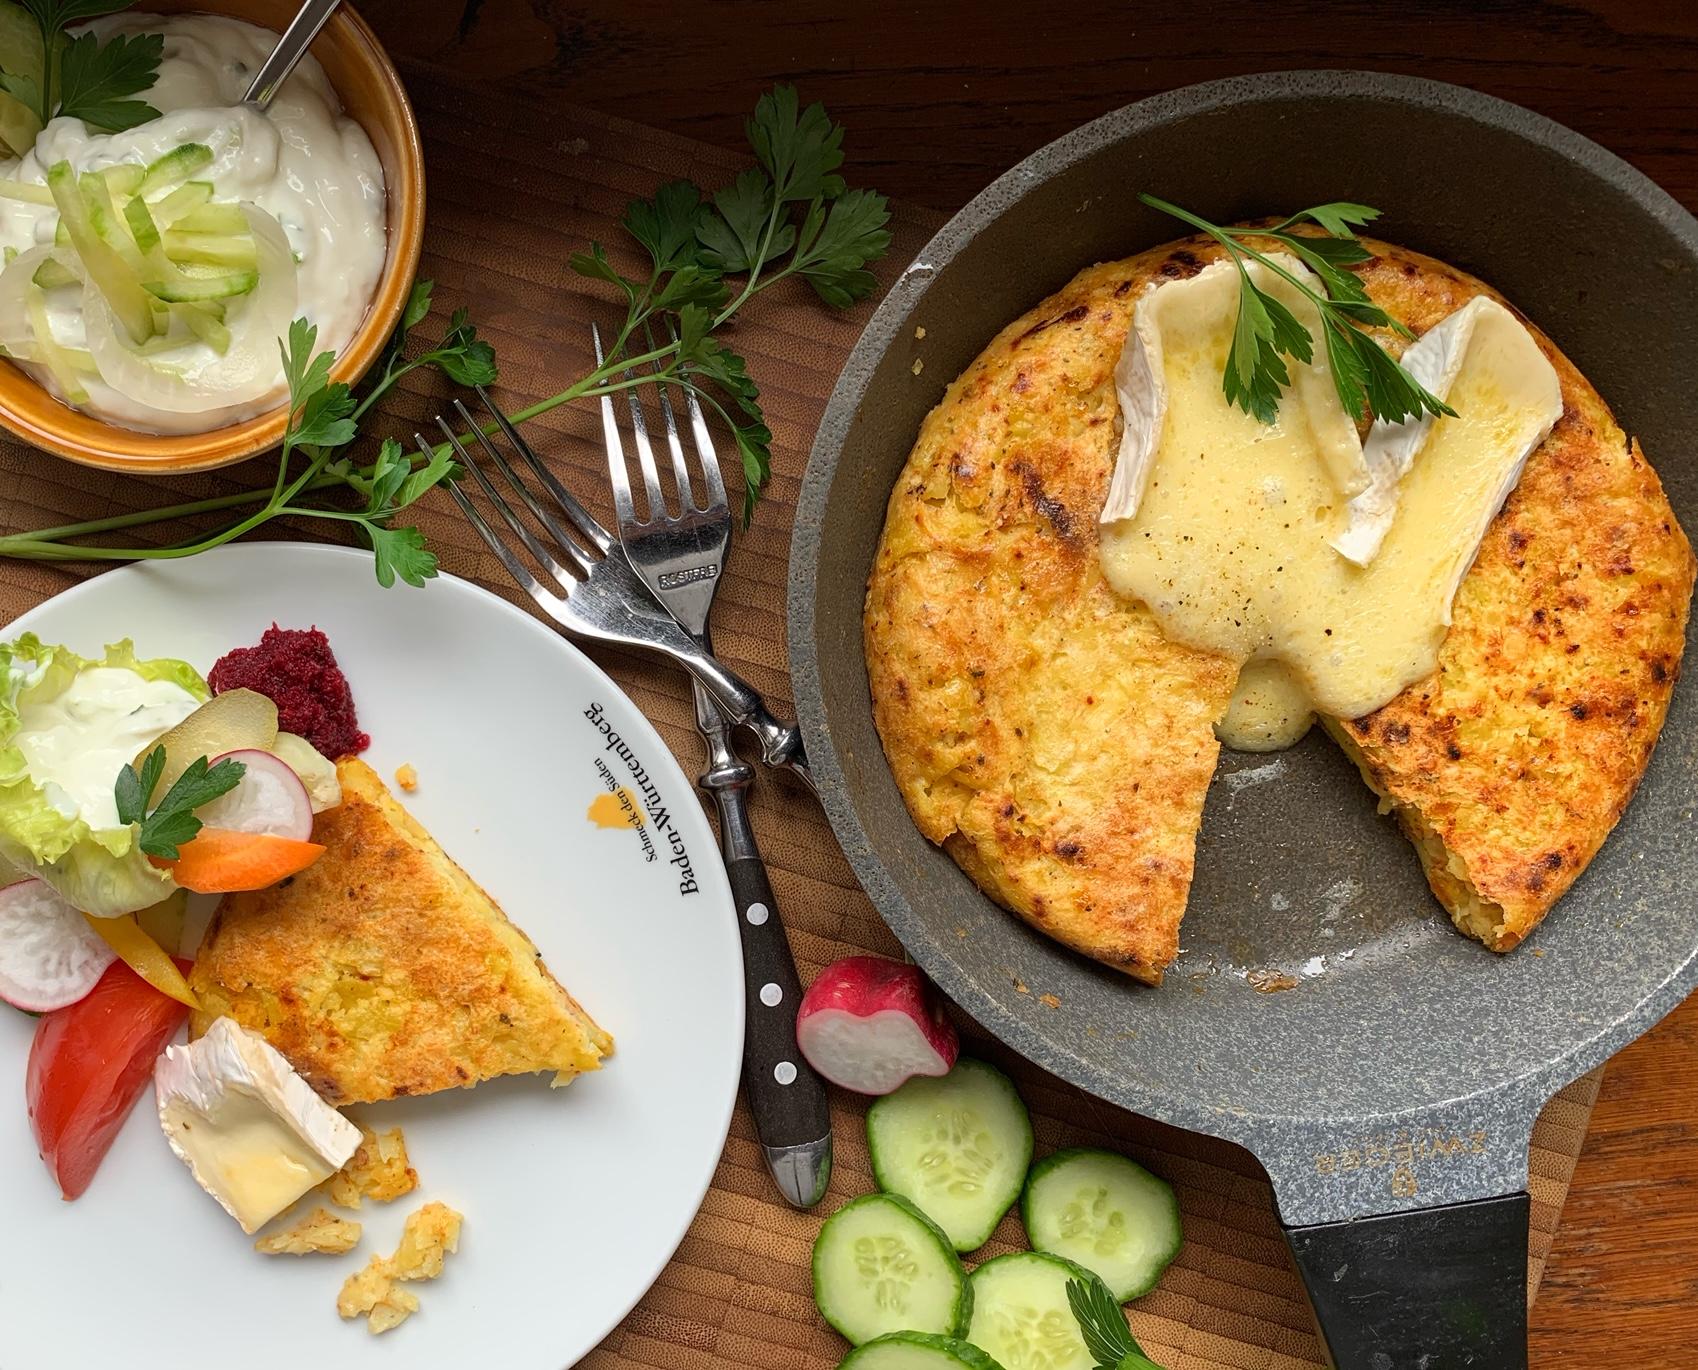 Kartoffel-Pfannenrösti mit schmelzendem Weichkäse und Gurkendip